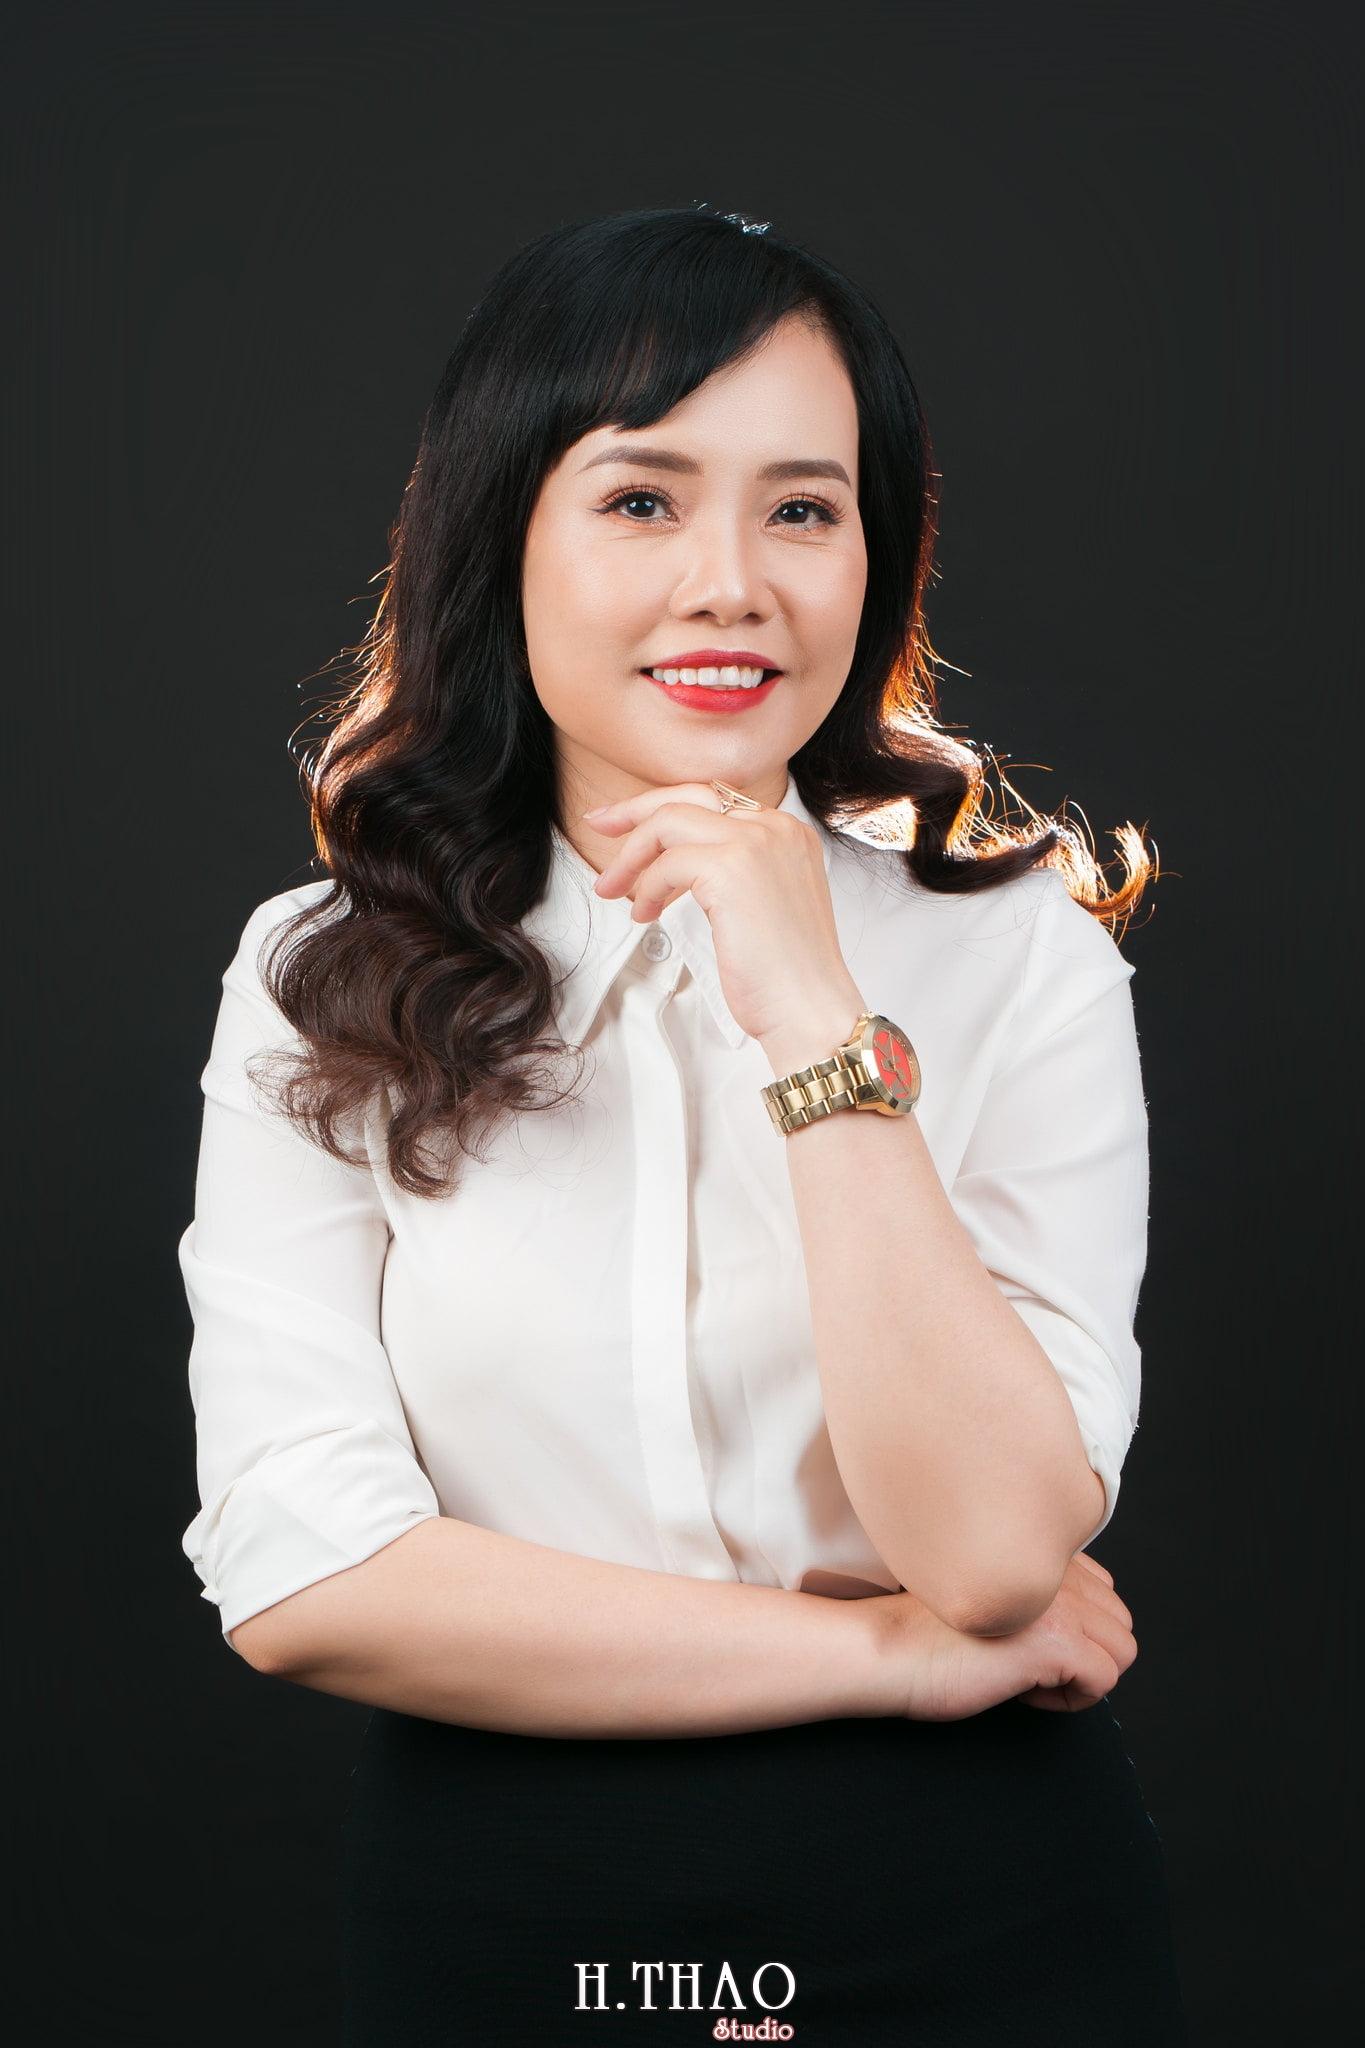 Thu Trang 18 - Chụp ảnh nữ doanh nhân Thu Trang tại HThao Studio – Tp.HCM